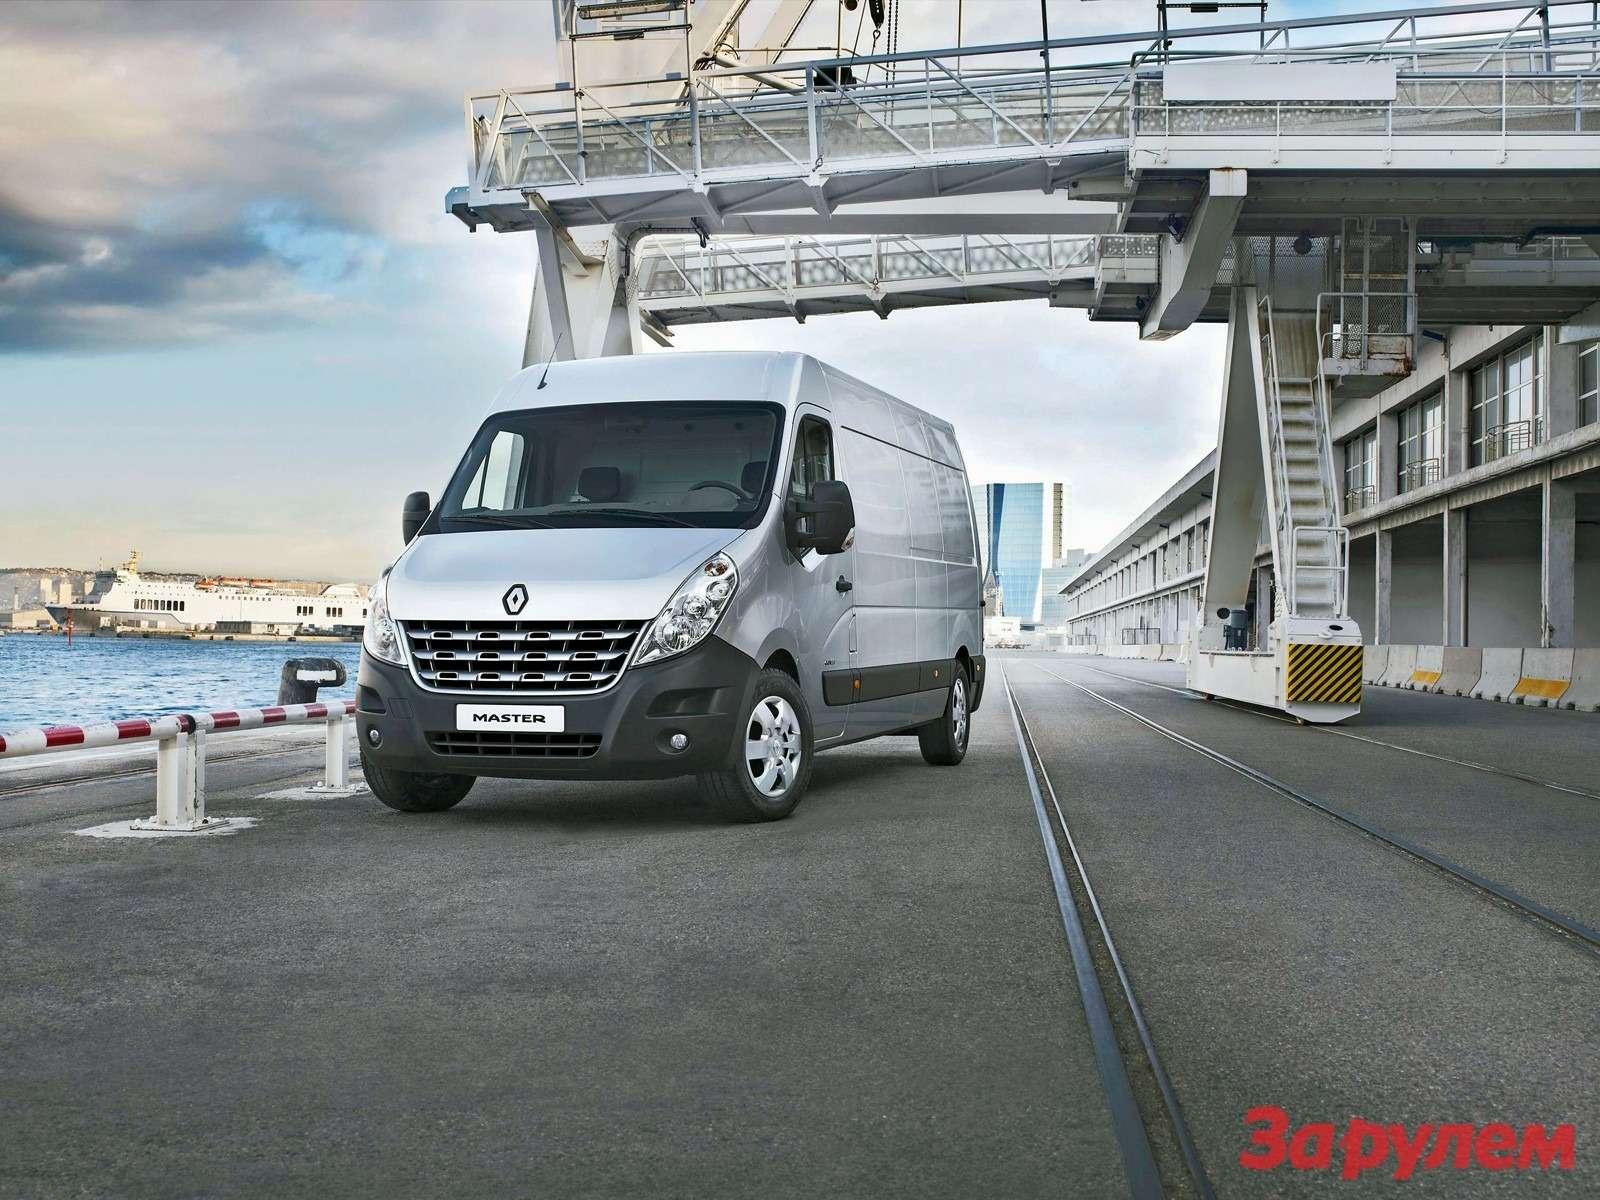 Renault 10685 global en